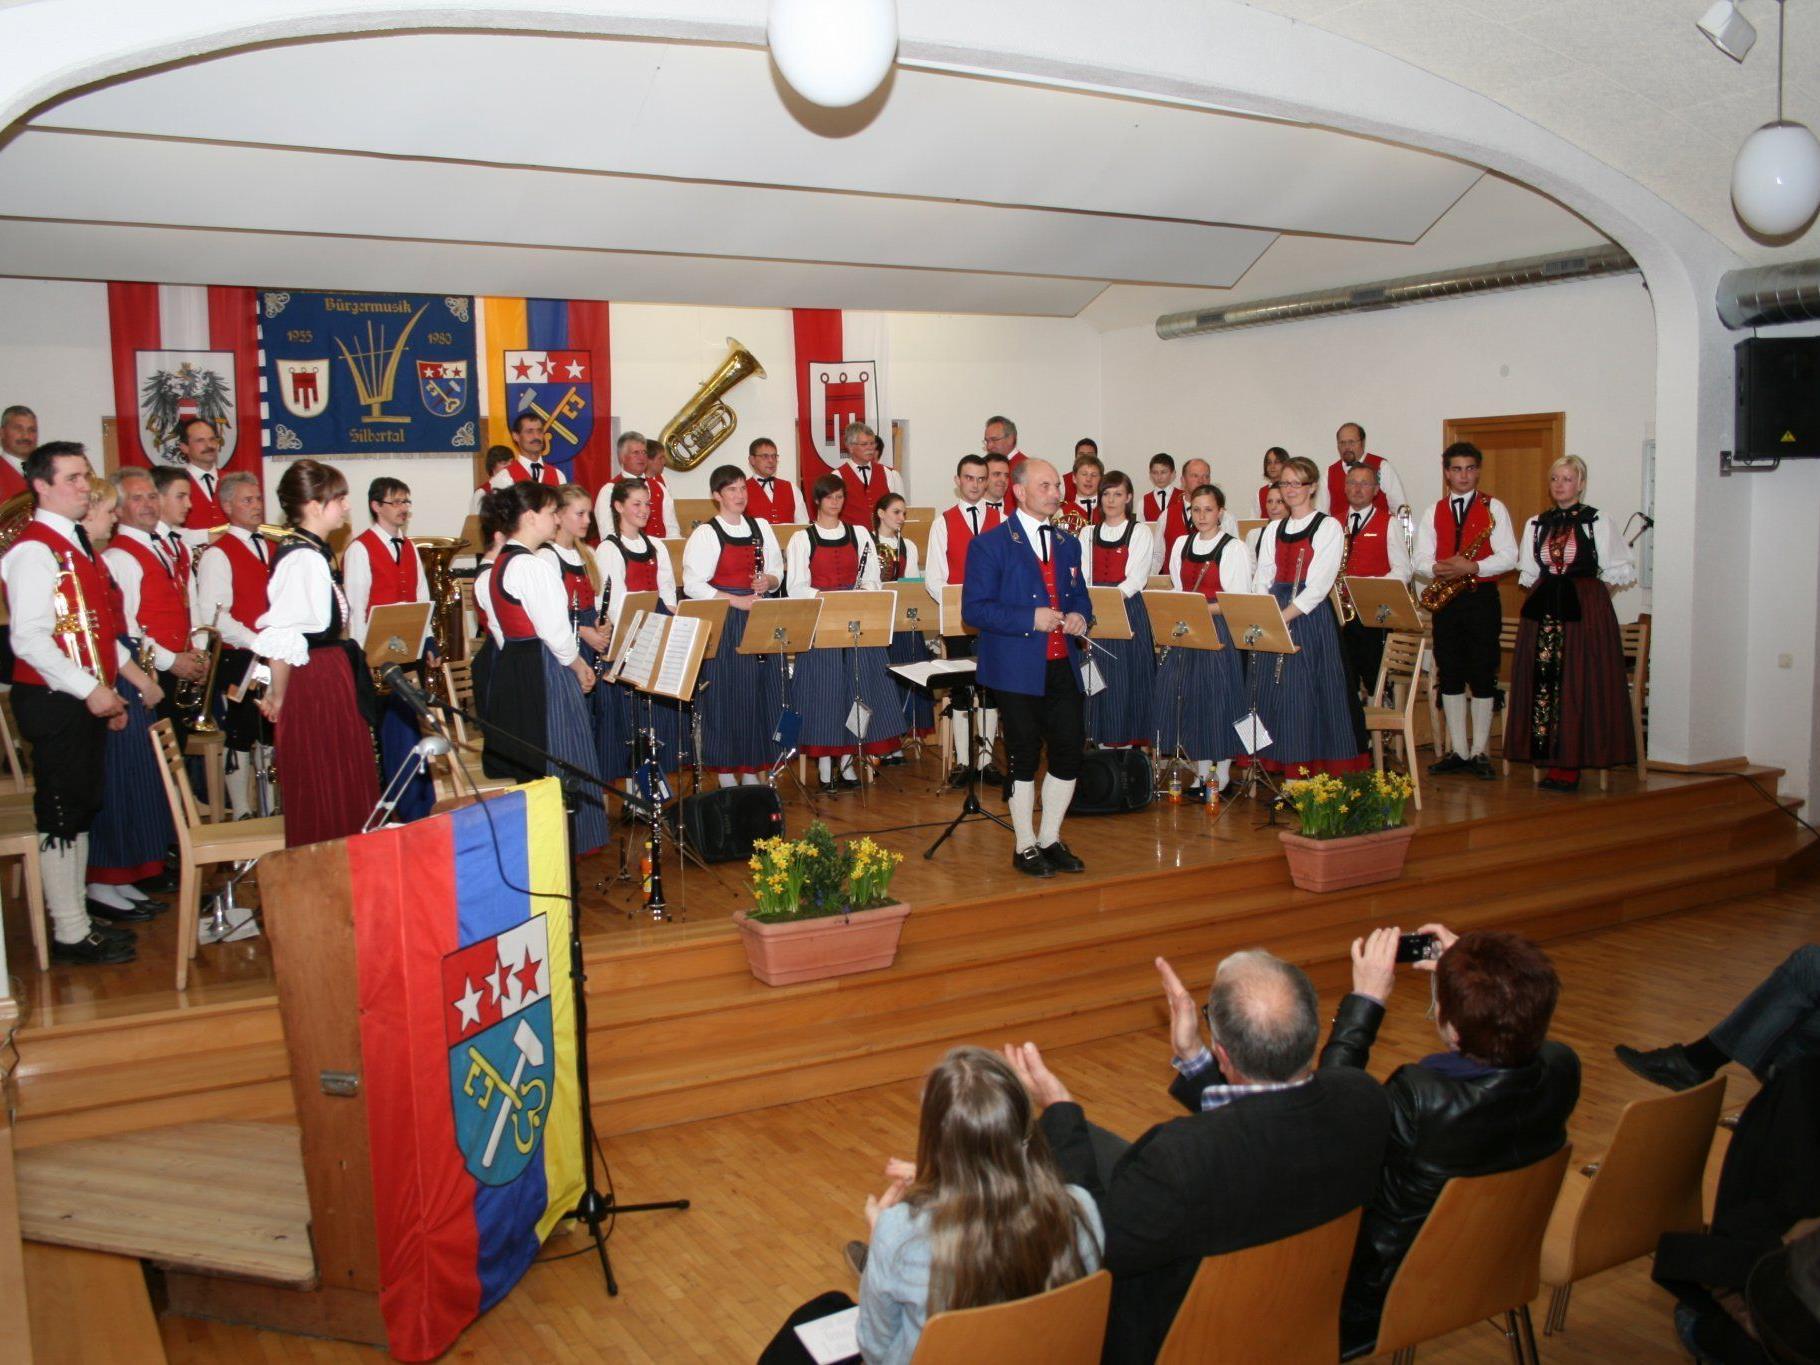 Das Vereinshaus bot einen würdigen Rahmen für das Frühjahrskonzert der Büürgermusik Silbertal.